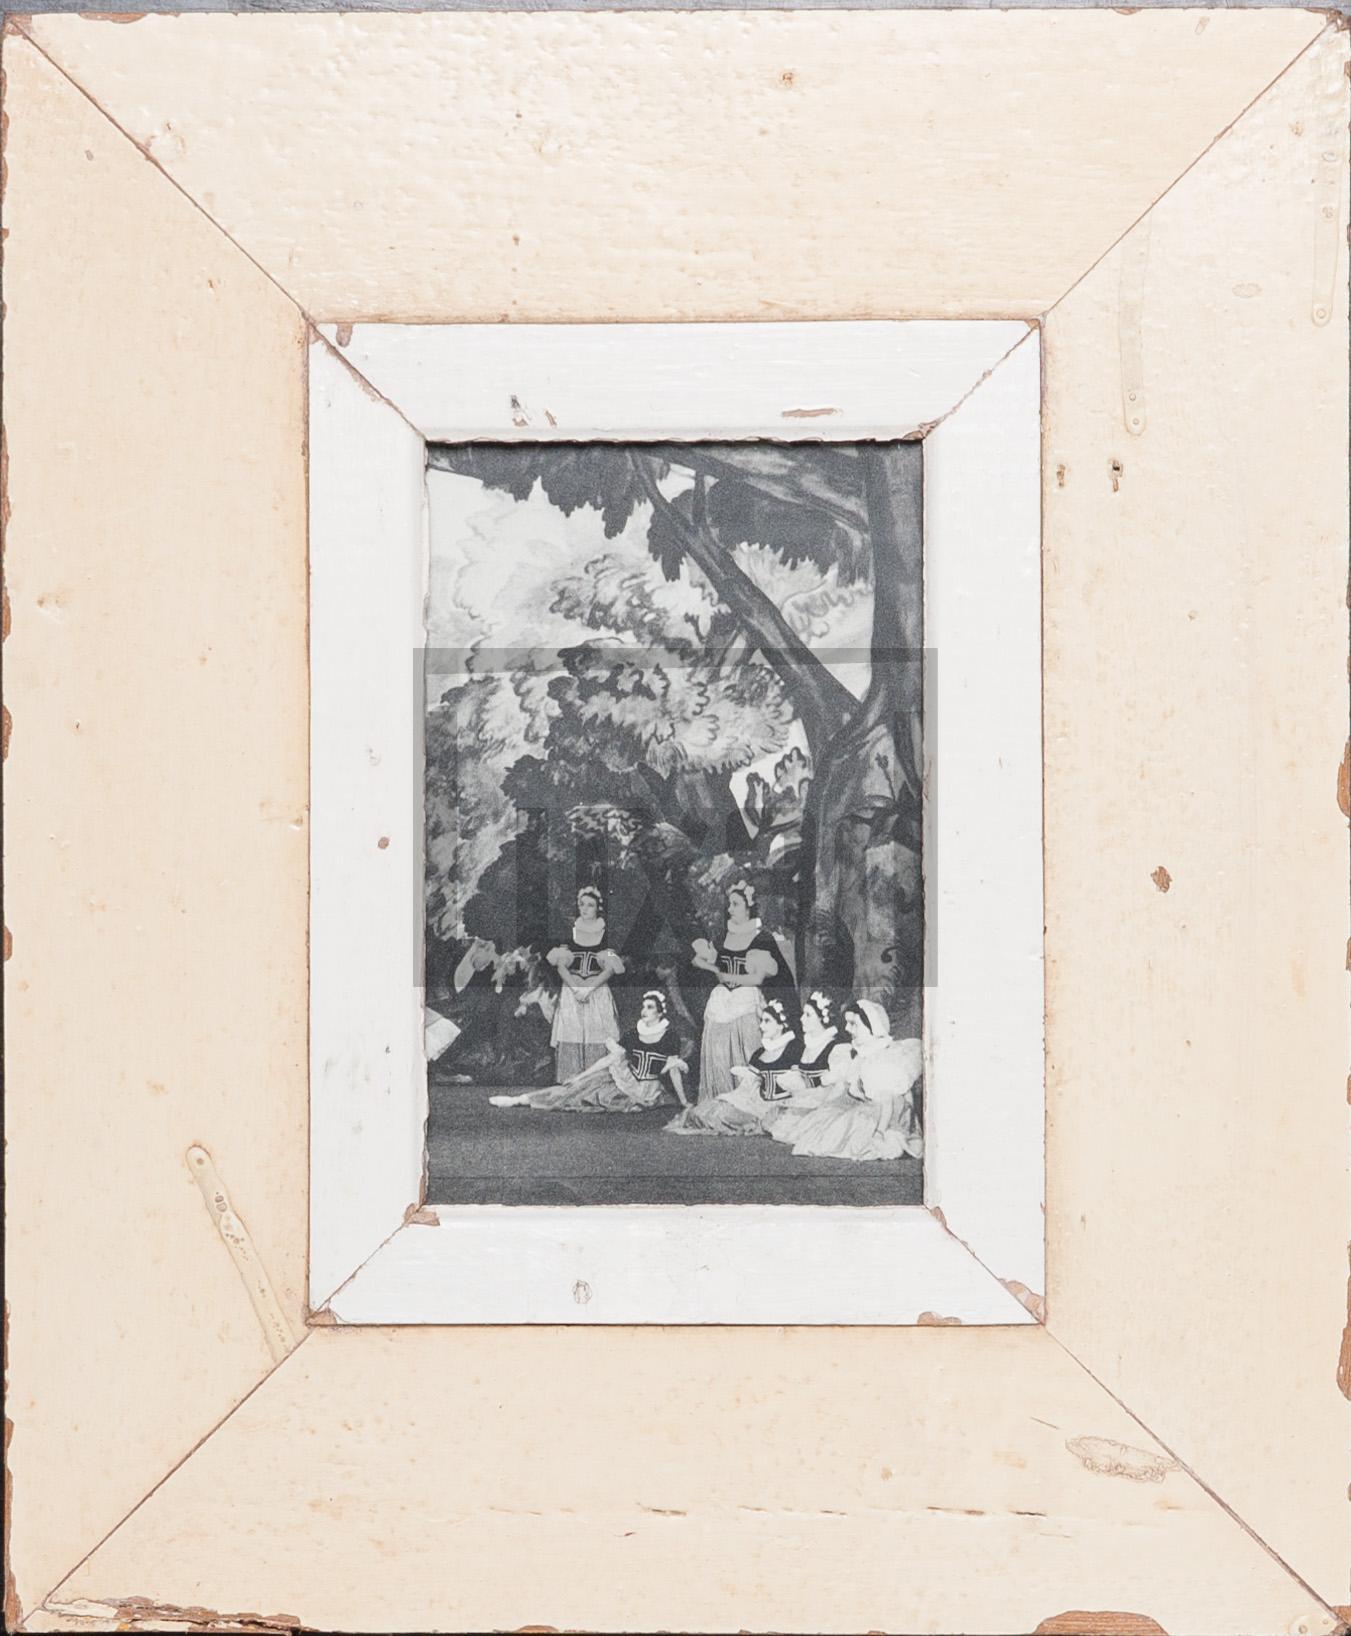 Vintage-Bilderrahmen aus altem Holz für kleine Fotos